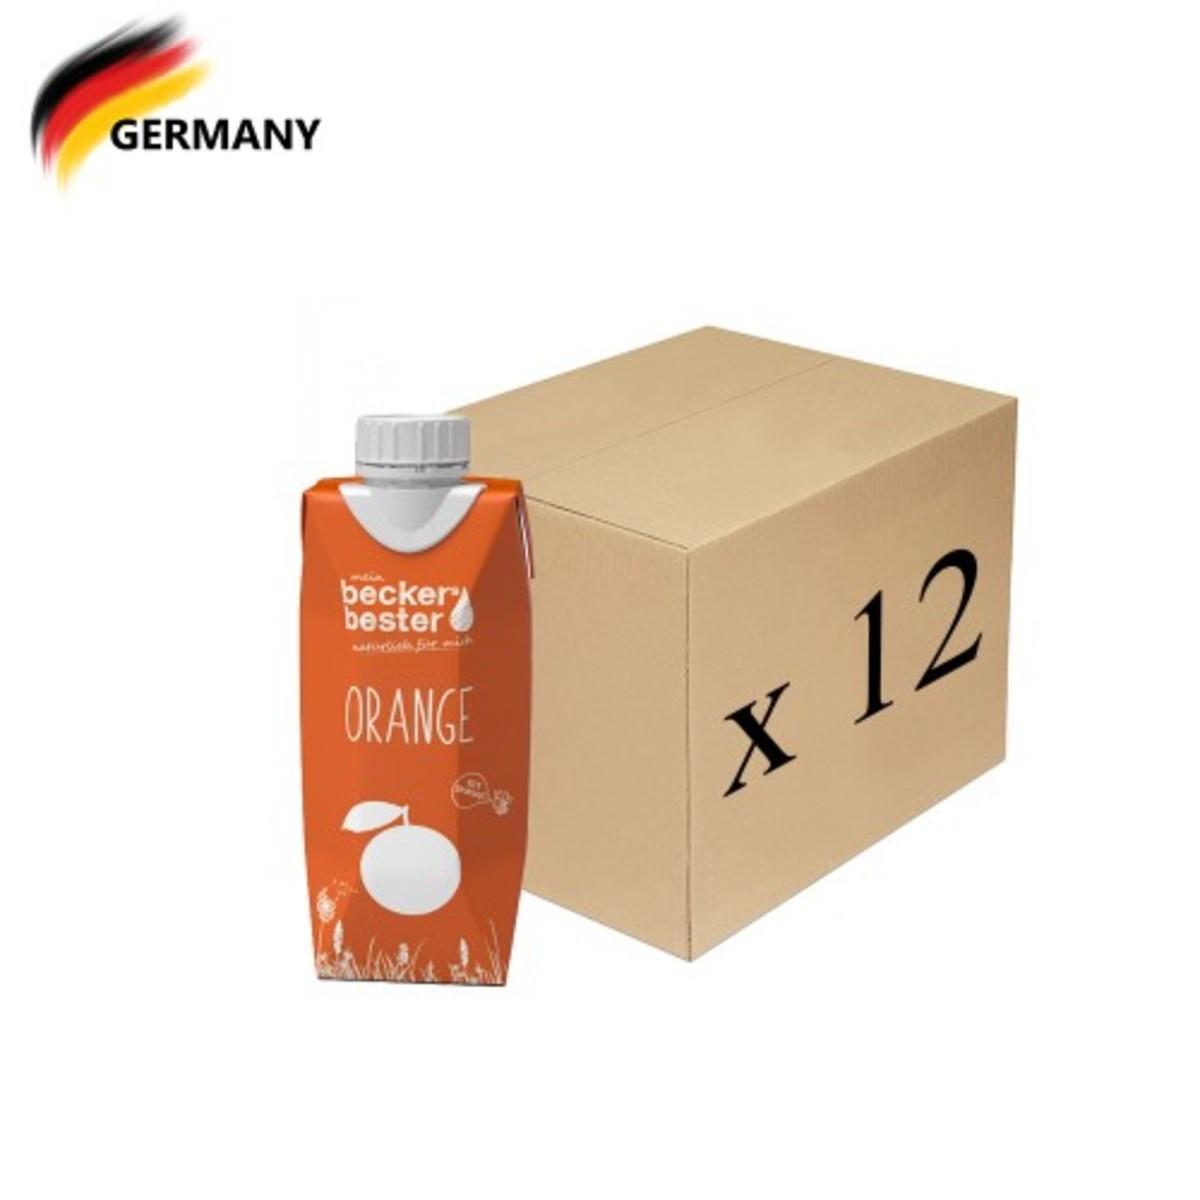 100%直壓非濃縮橙汁 Orange Juice (Non-concentrated) 330ml x12